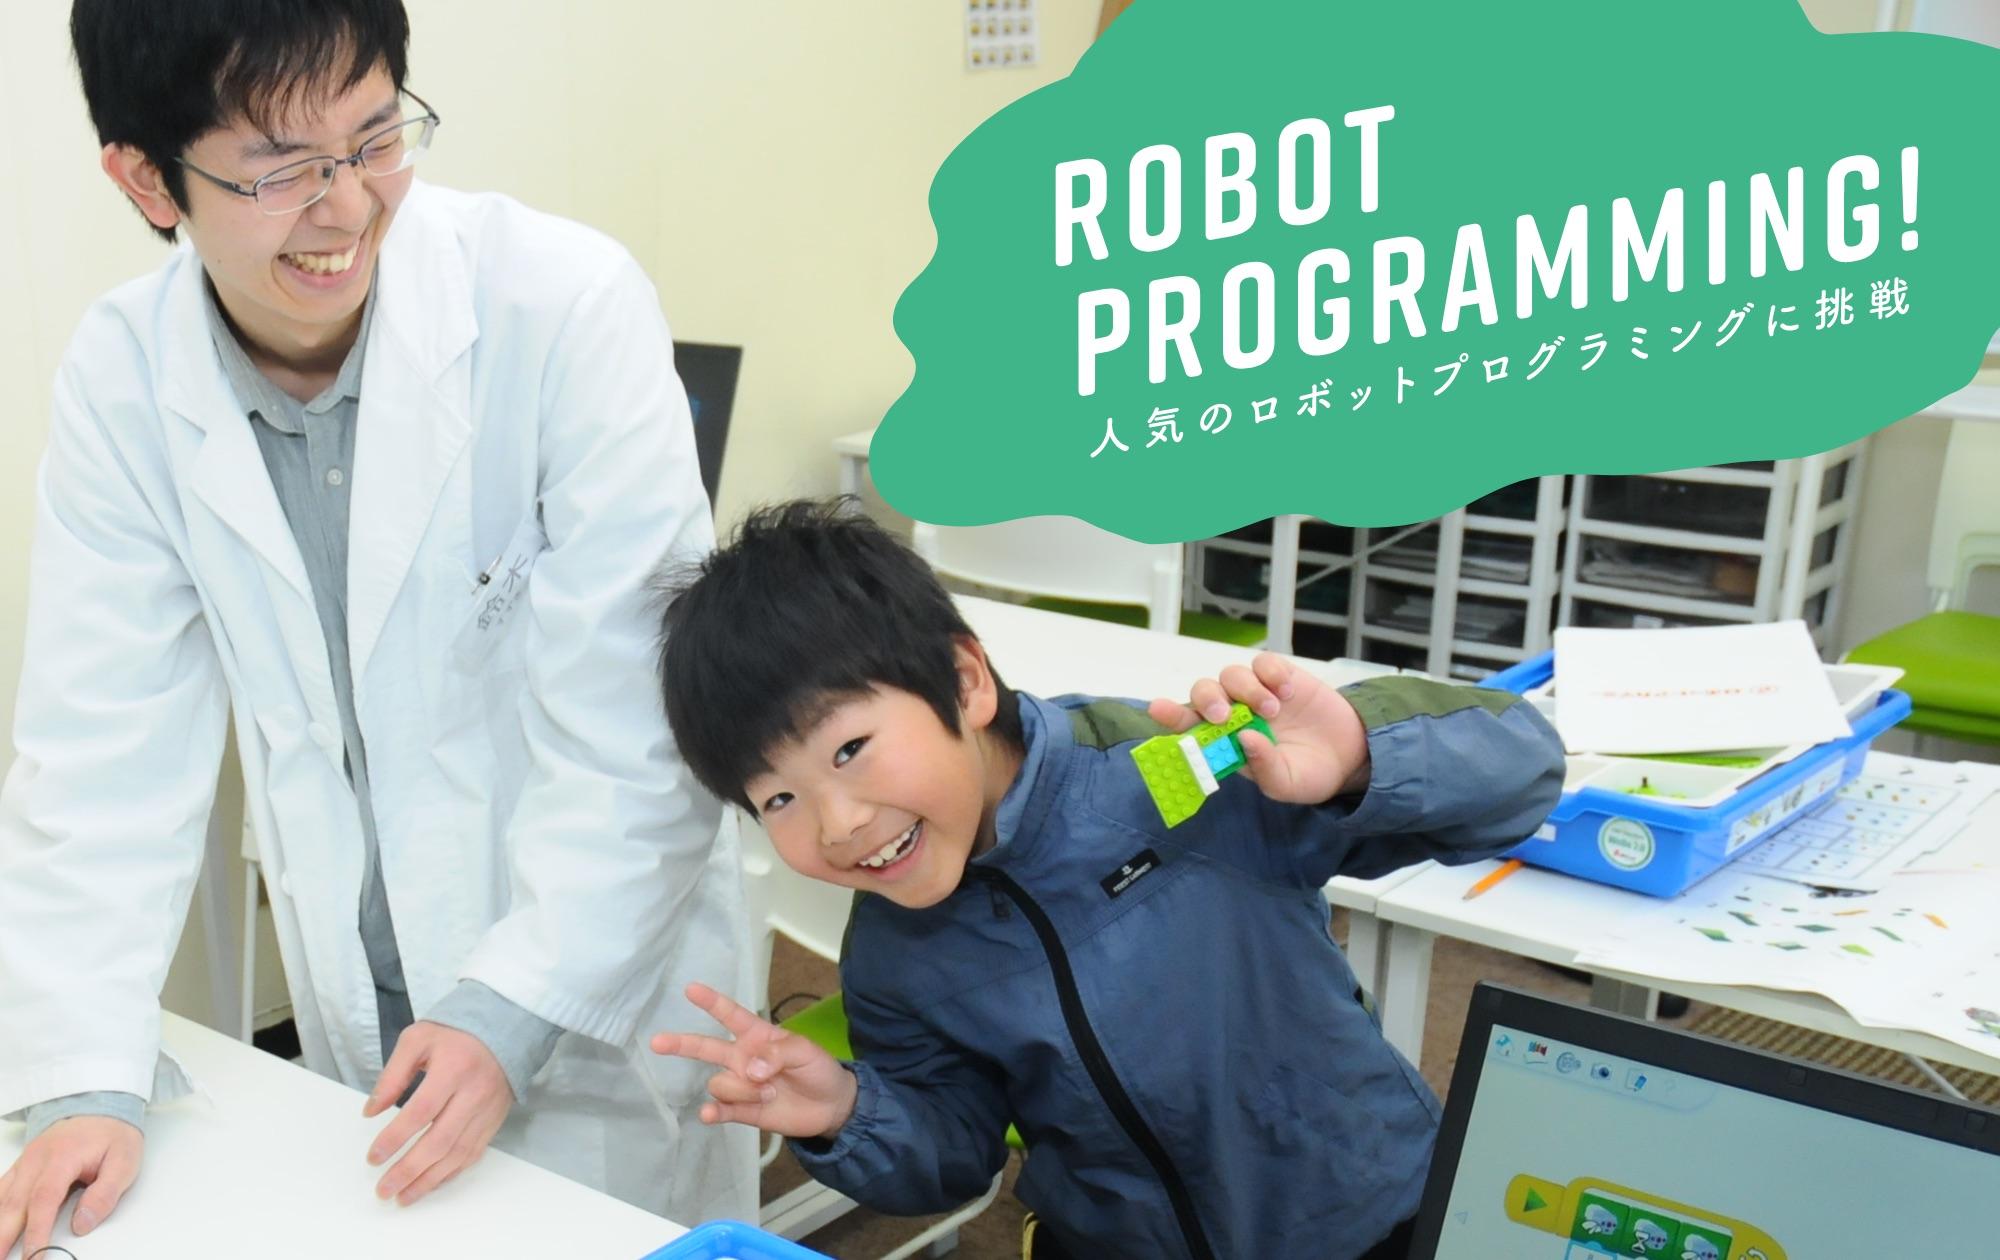 人気のロボットプログラミングに挑戦